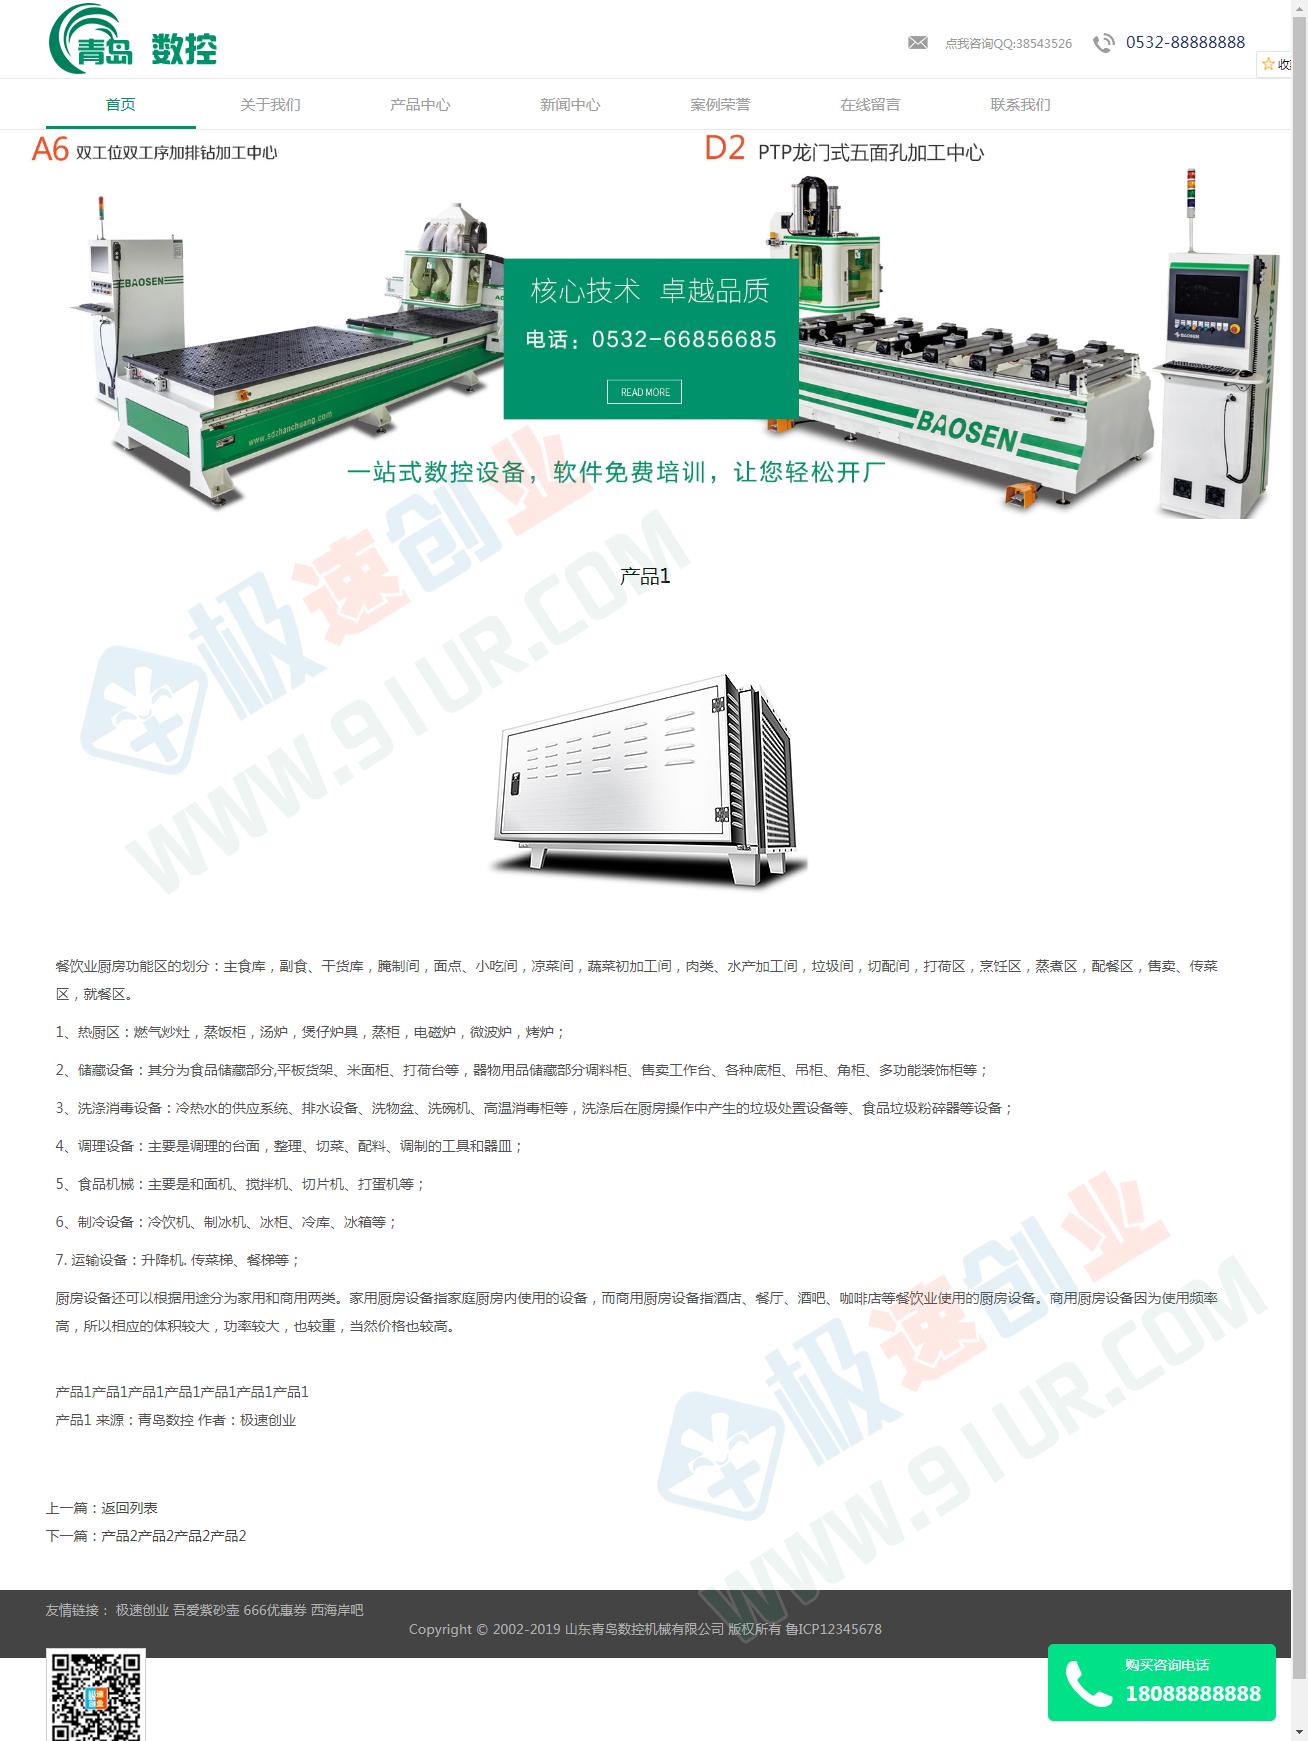 (自适应手机版)数控机械类网站帝国cms模板 HTML5机械车床加工网站源码下载-电脑版-产品内页